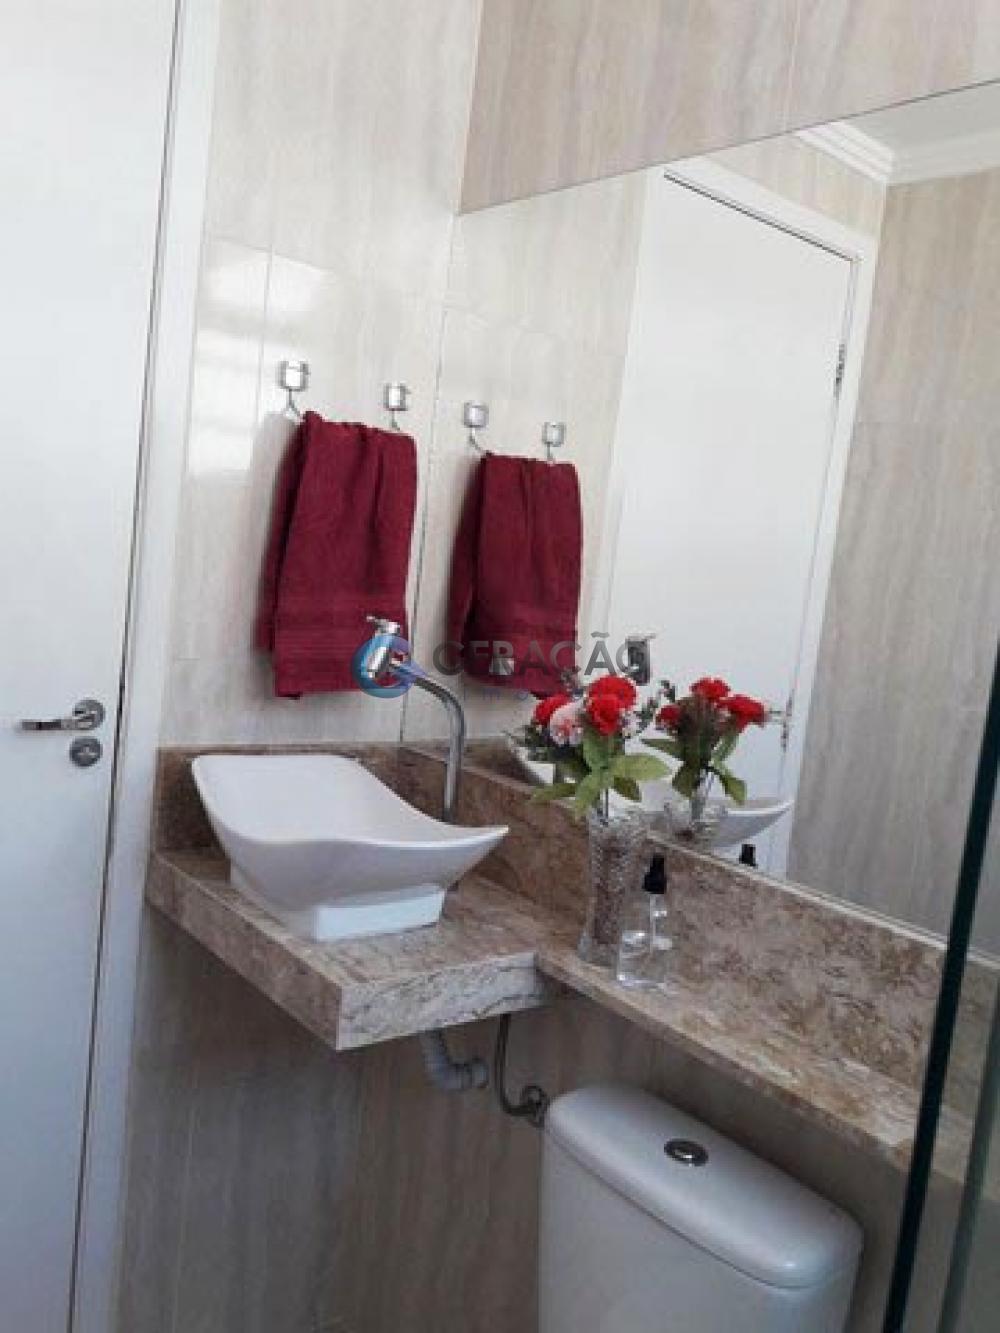 Comprar Apartamento / Padrão em São José dos Campos R$ 187.000,00 - Foto 5